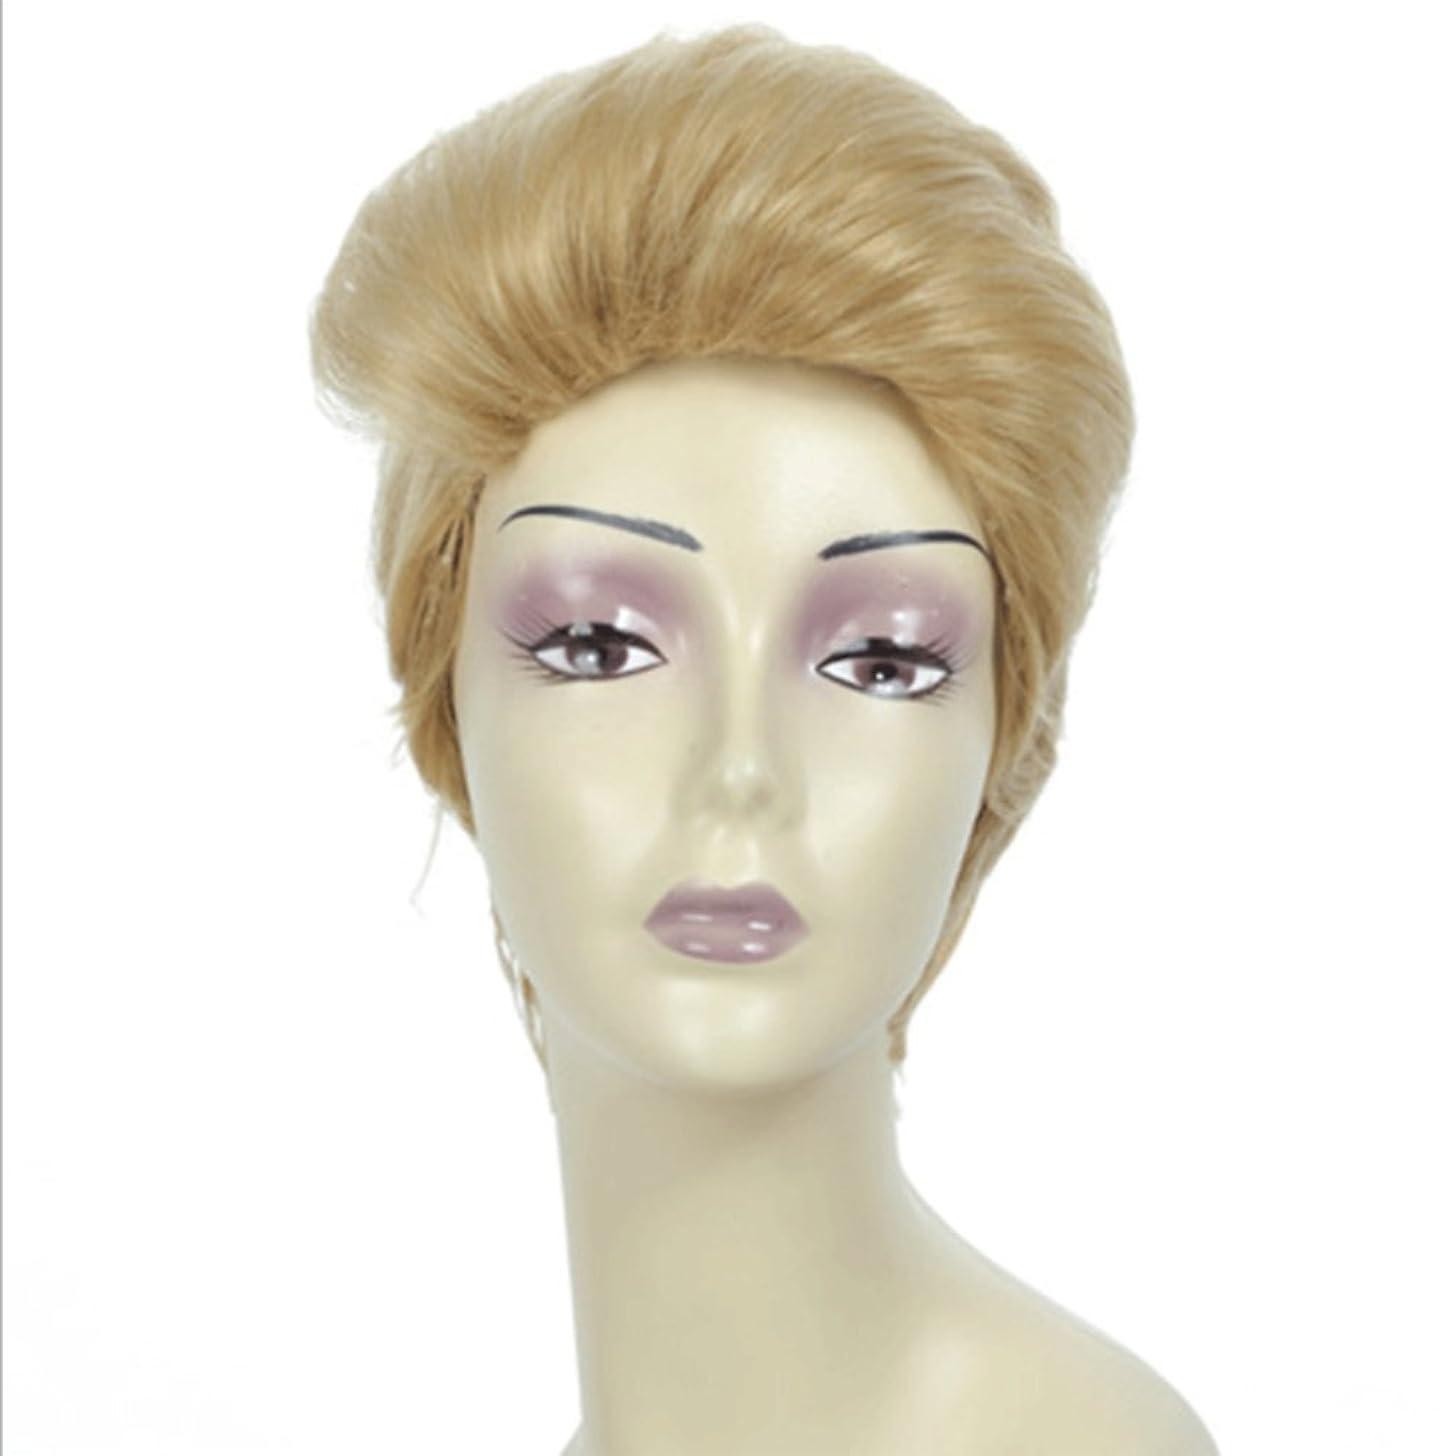 低い徹底追い払うメンズナチュラルブロンドウィッグストレートヘアピース高密度耐熱合成ウィッグ